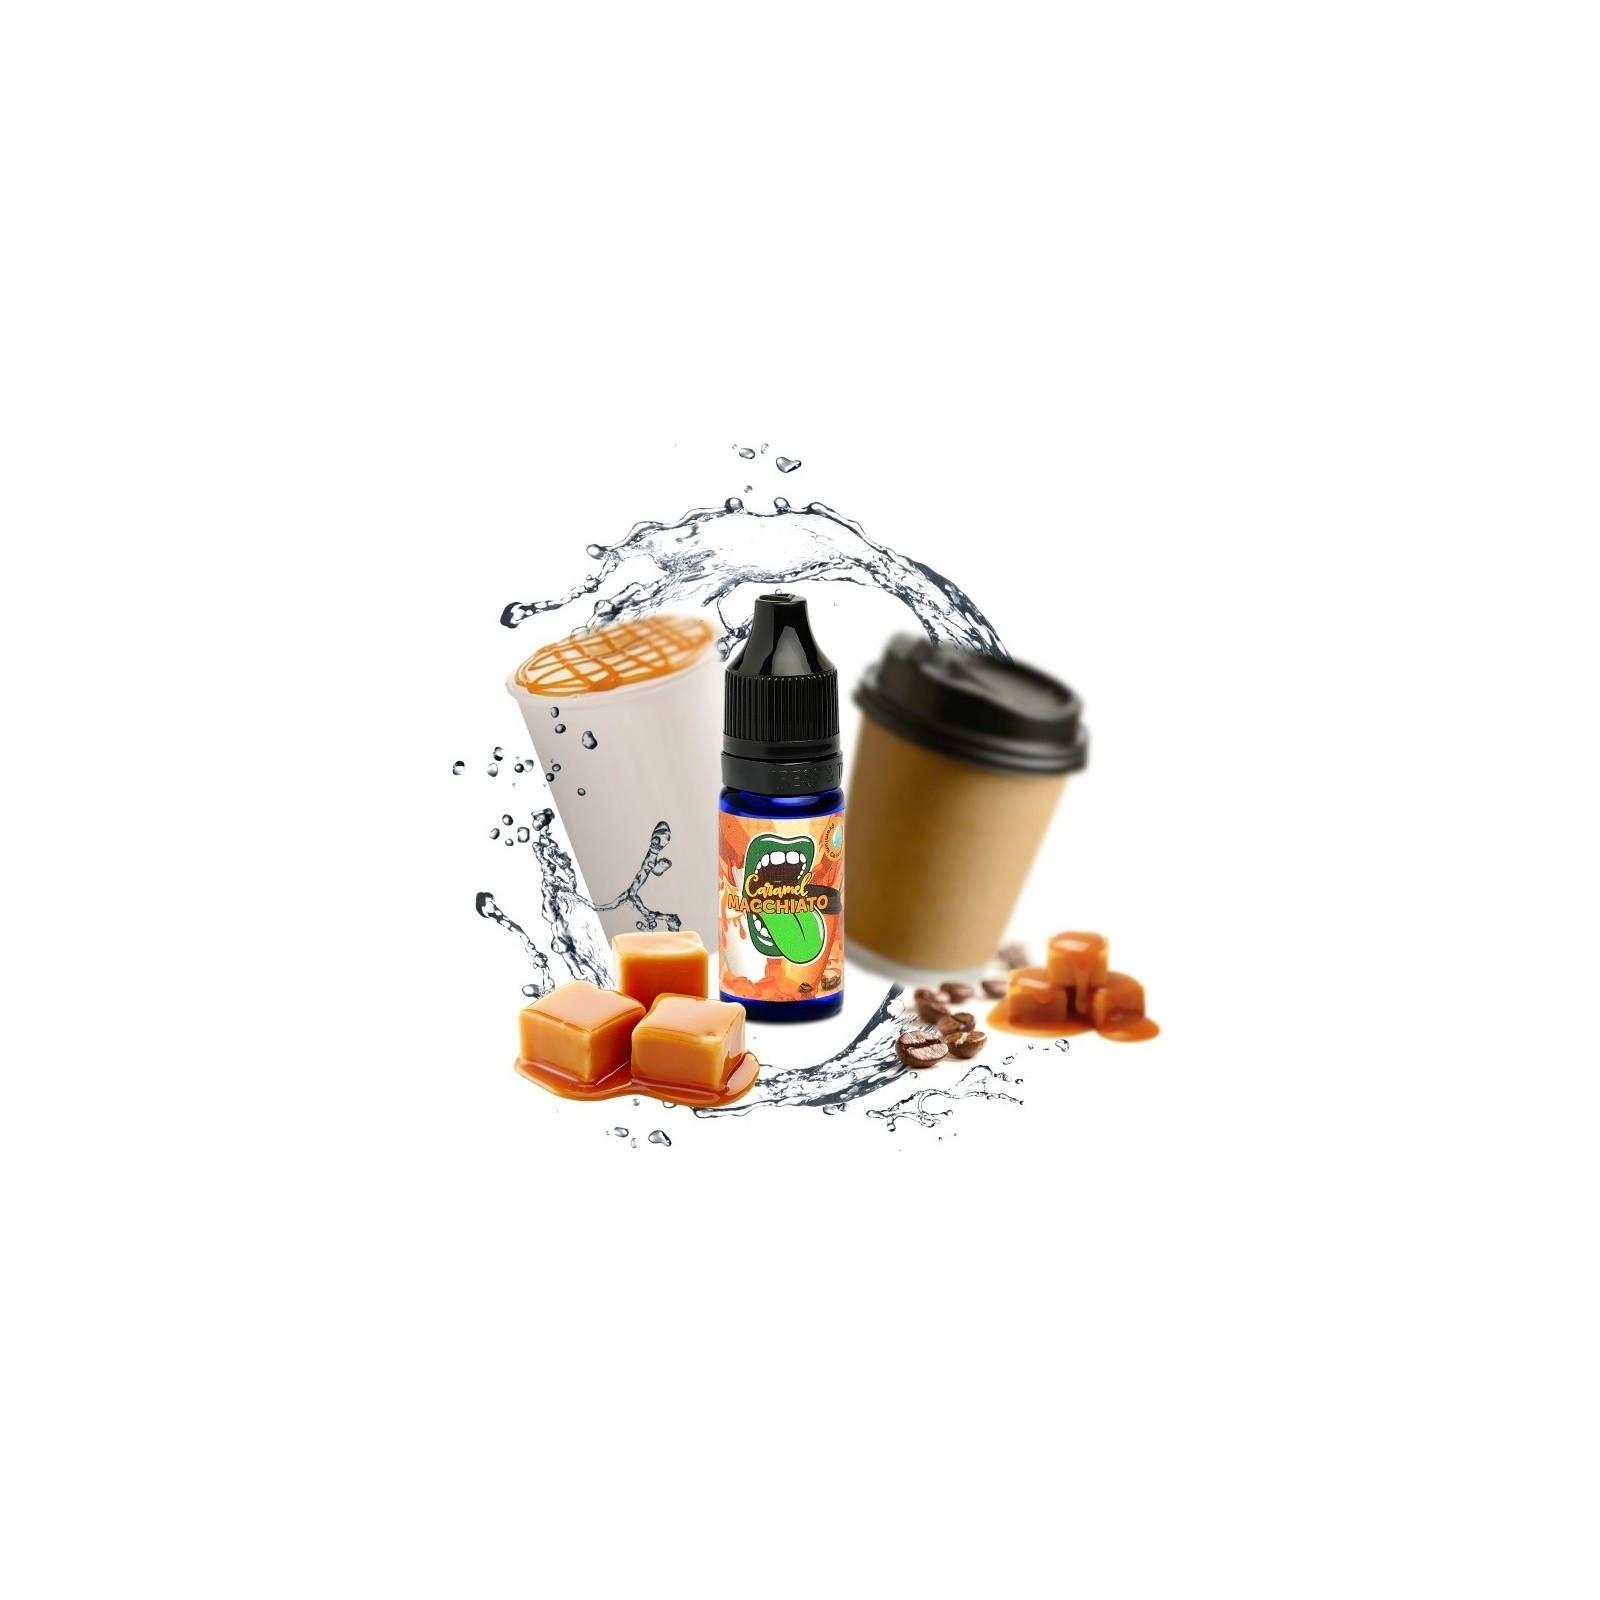 Concentré Caramel macchiato - Big Mouth Liquids